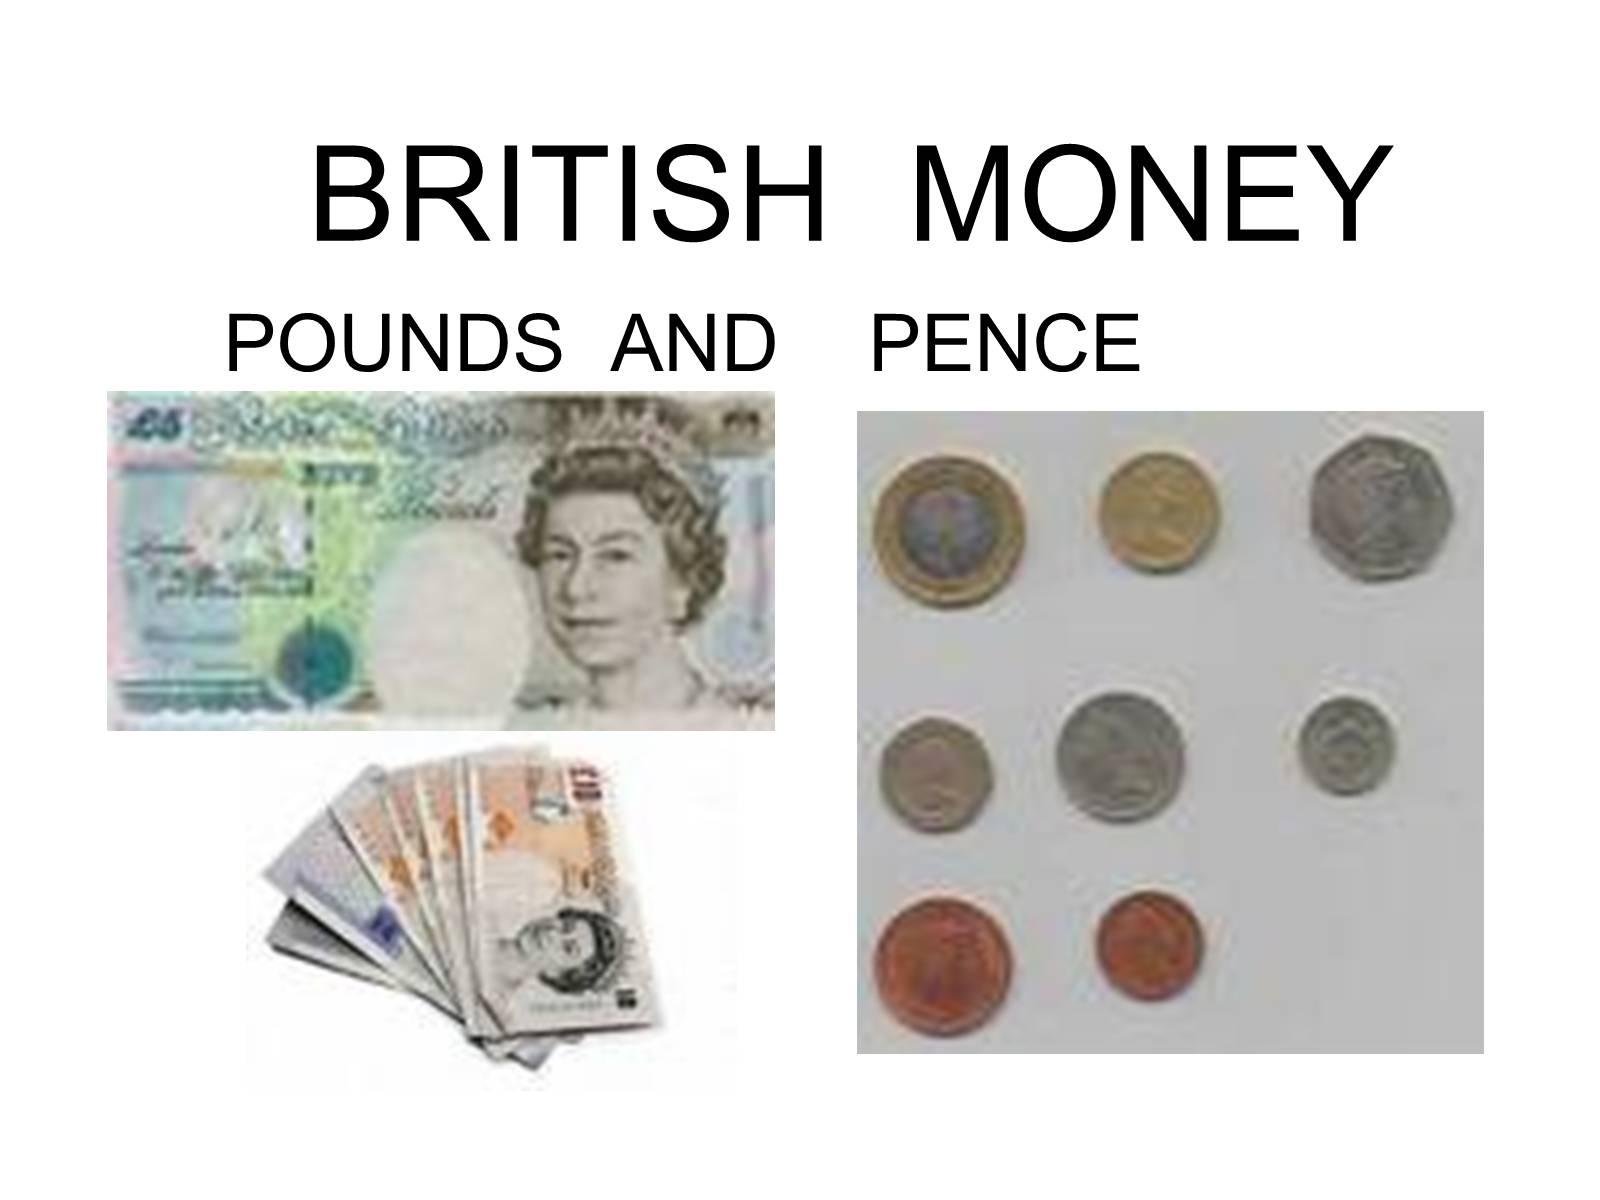 тема английские деньги доклад на английском языке этого, его помощью